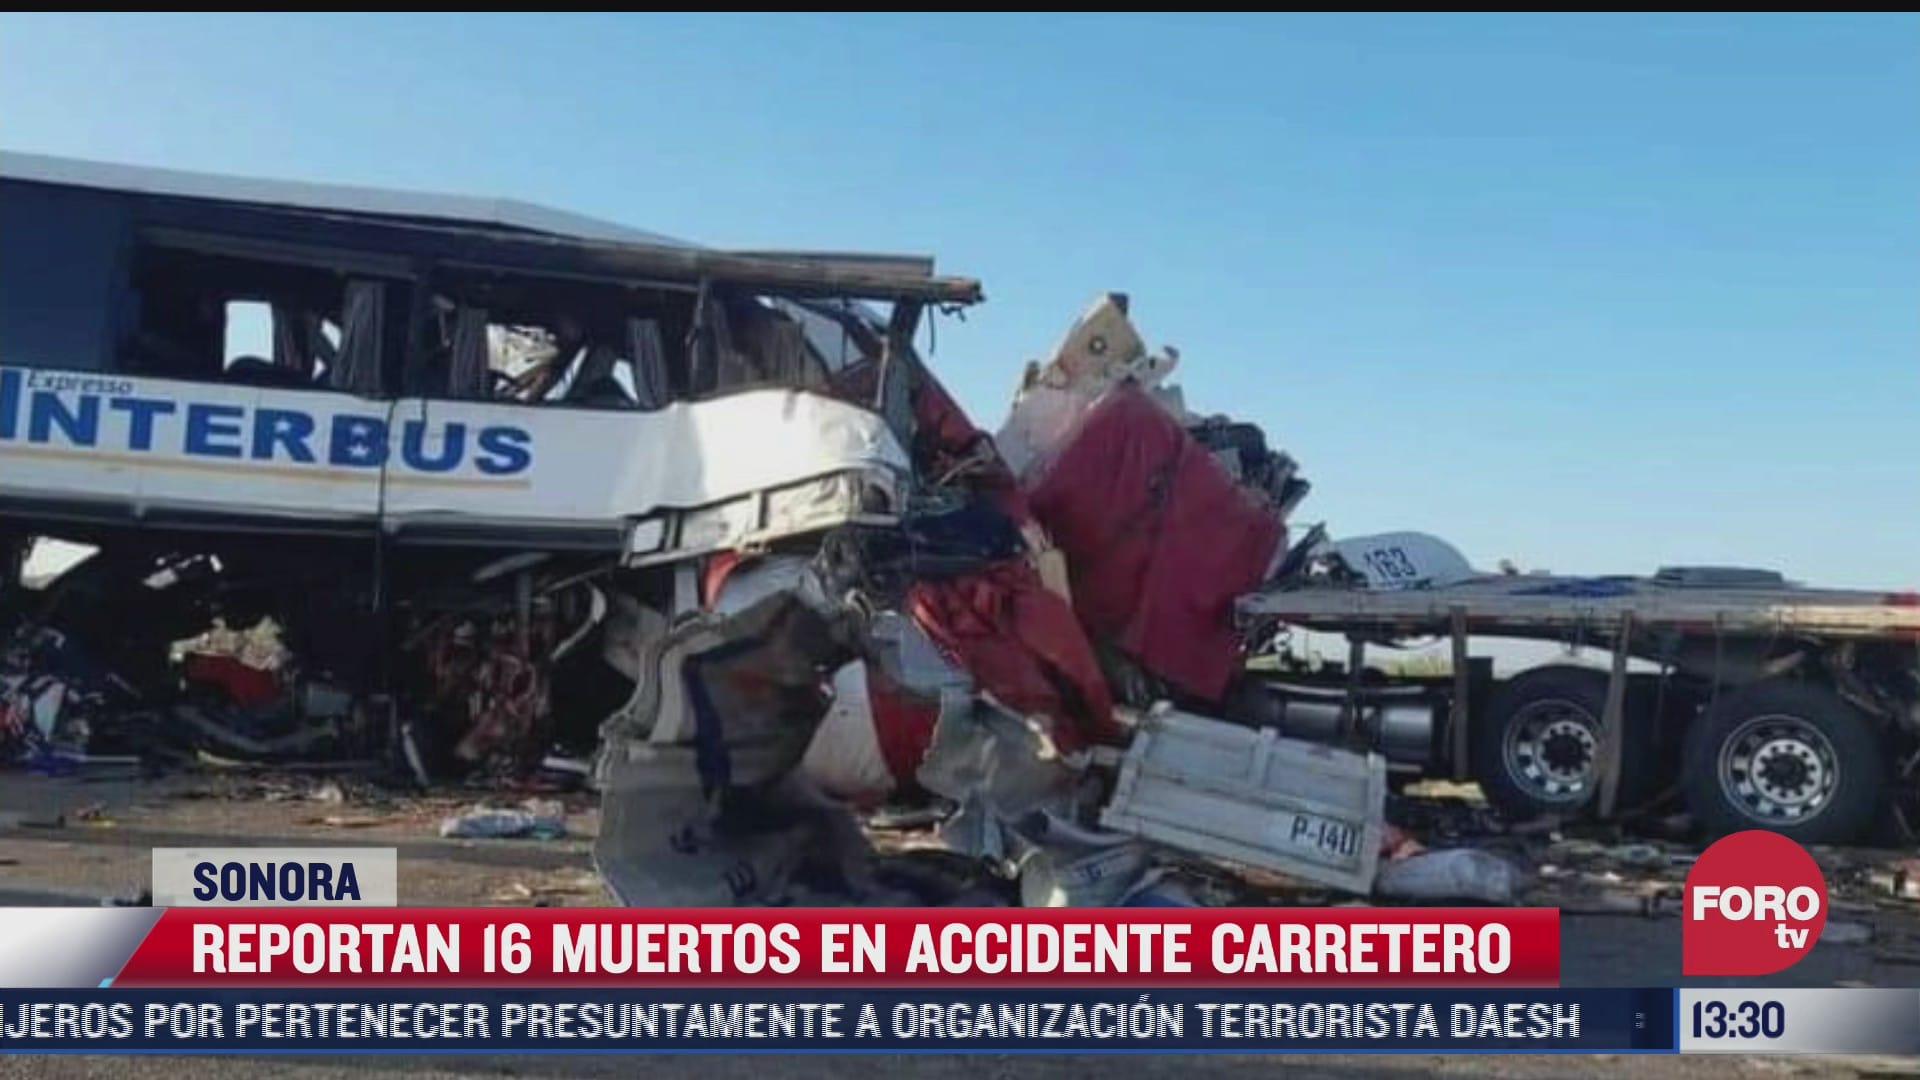 accidente en carretera de sonora deja 16 muertos y 22 heridos